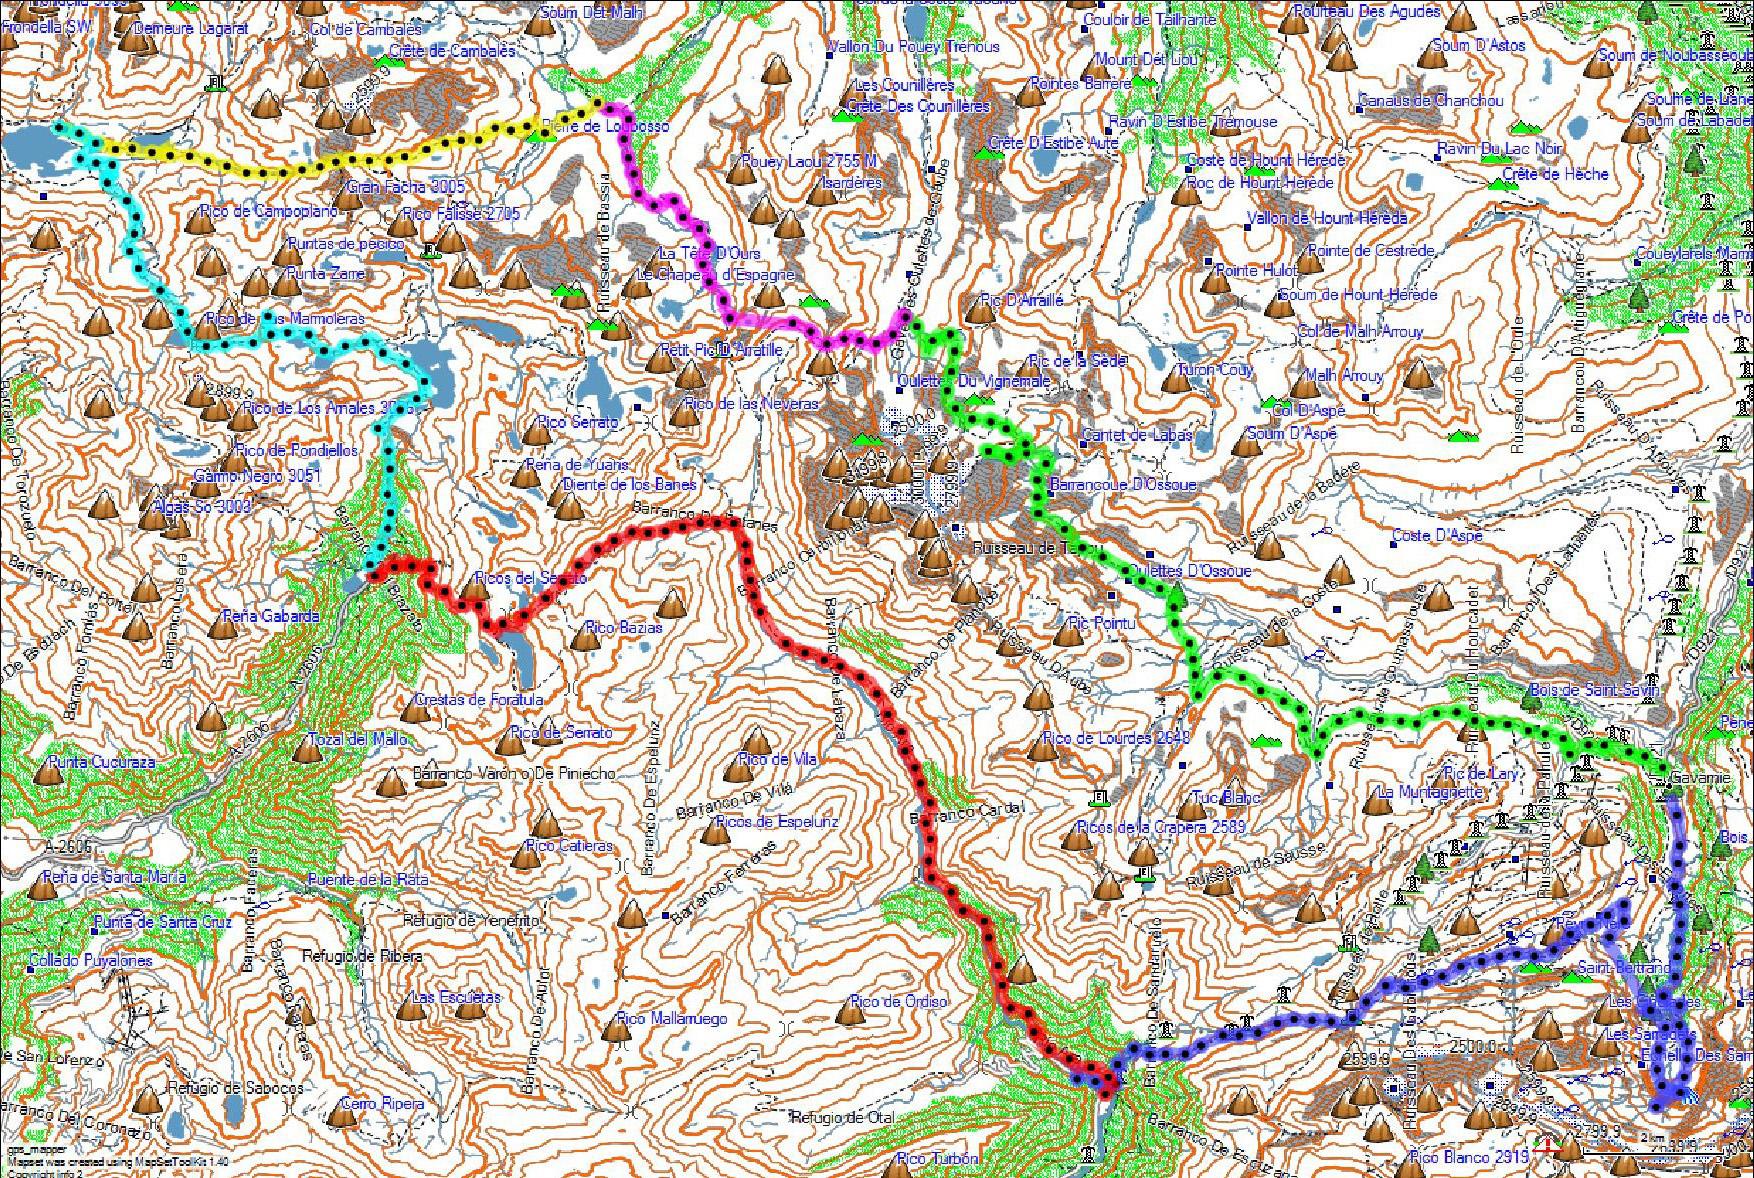 Mapa con el recorrido de la ruta-Pirineos